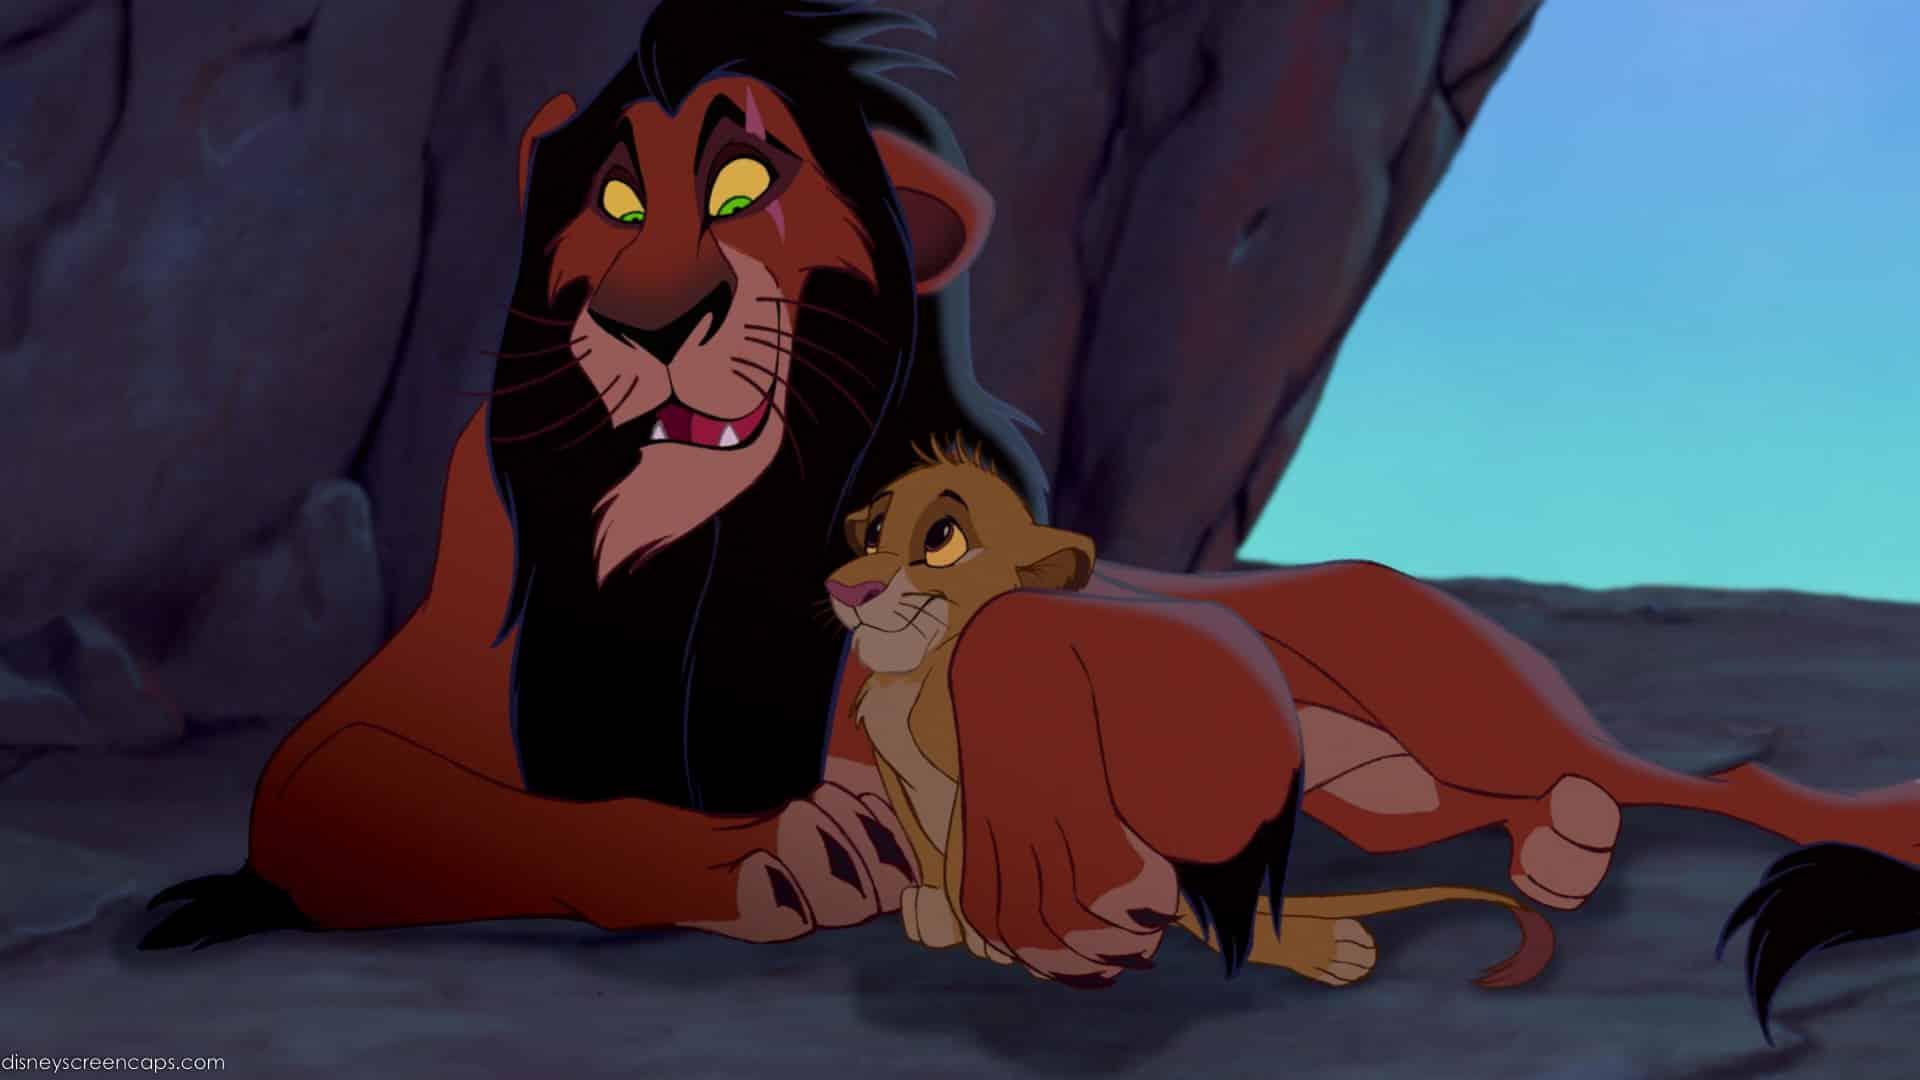 cliches-villanos-cine-scar-the-lion-king